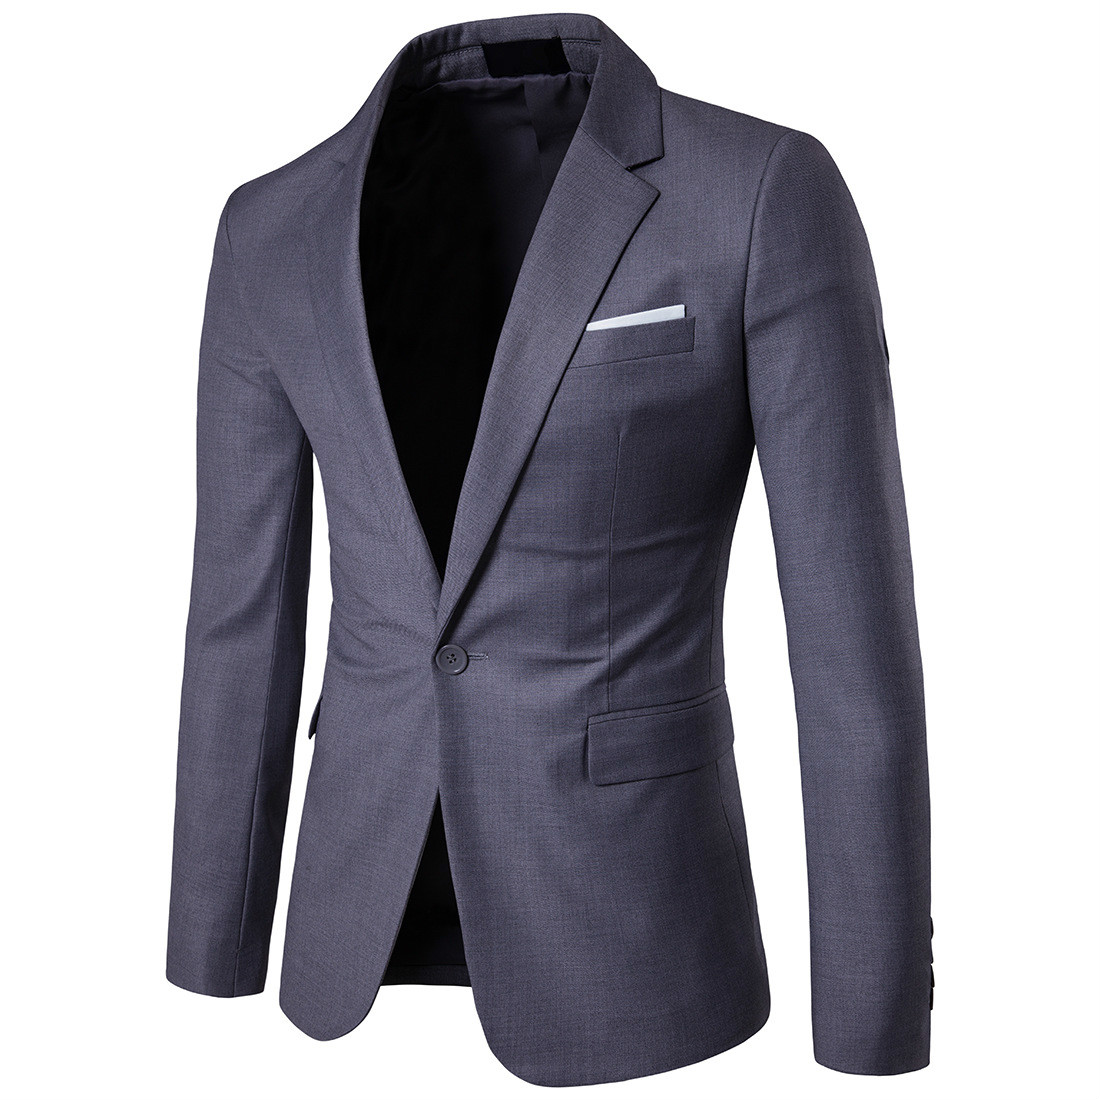 Costume d'affaires de mode meilleur homme jolie pochette mâle multicolore à manches longues formelle hommes gris Blazers grande taille 5xl 6xl costumes masculins